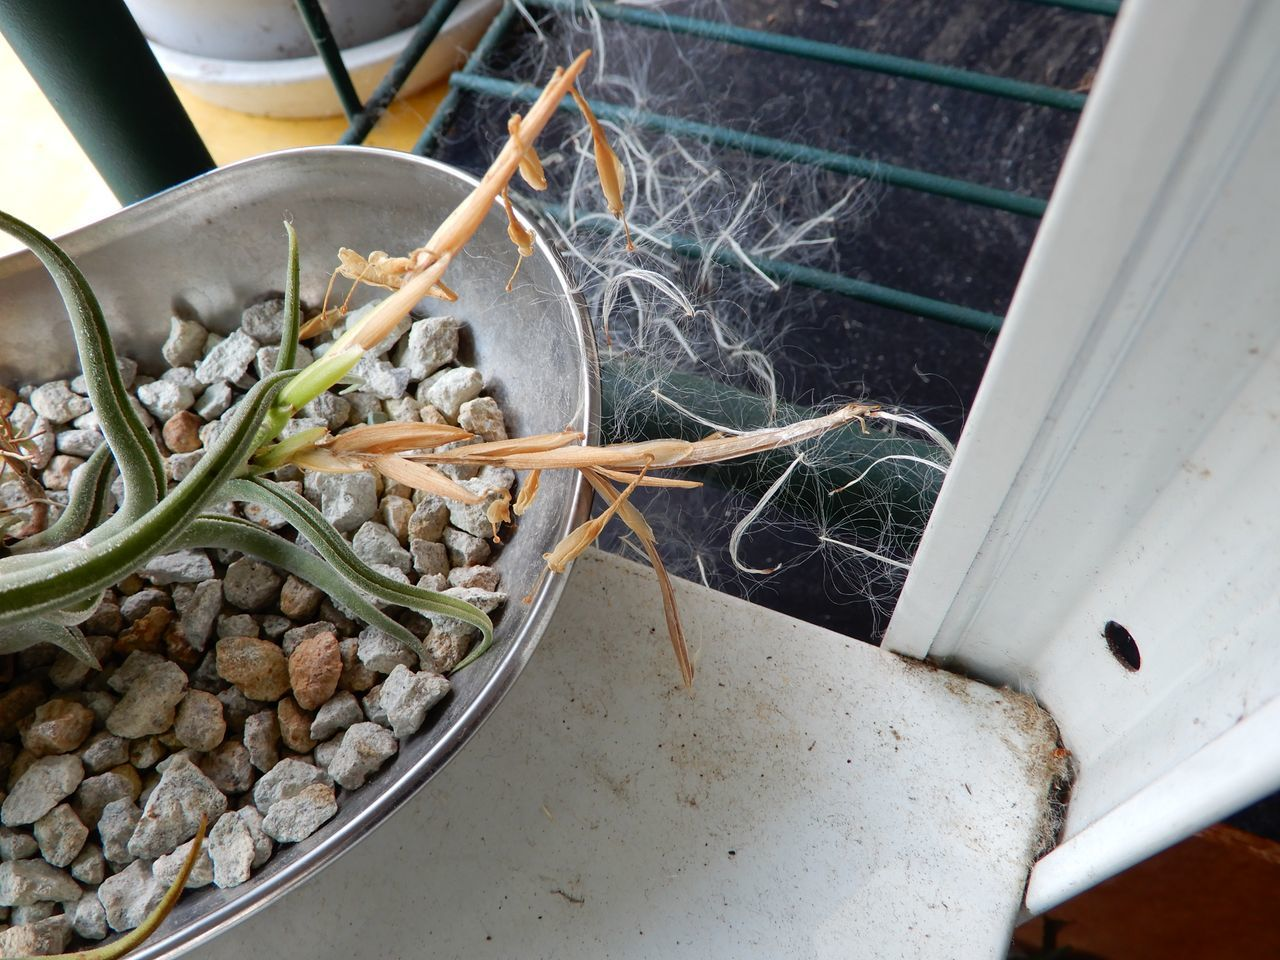 エアプランツの種子が熟した!?_c0025115_22392750.jpg